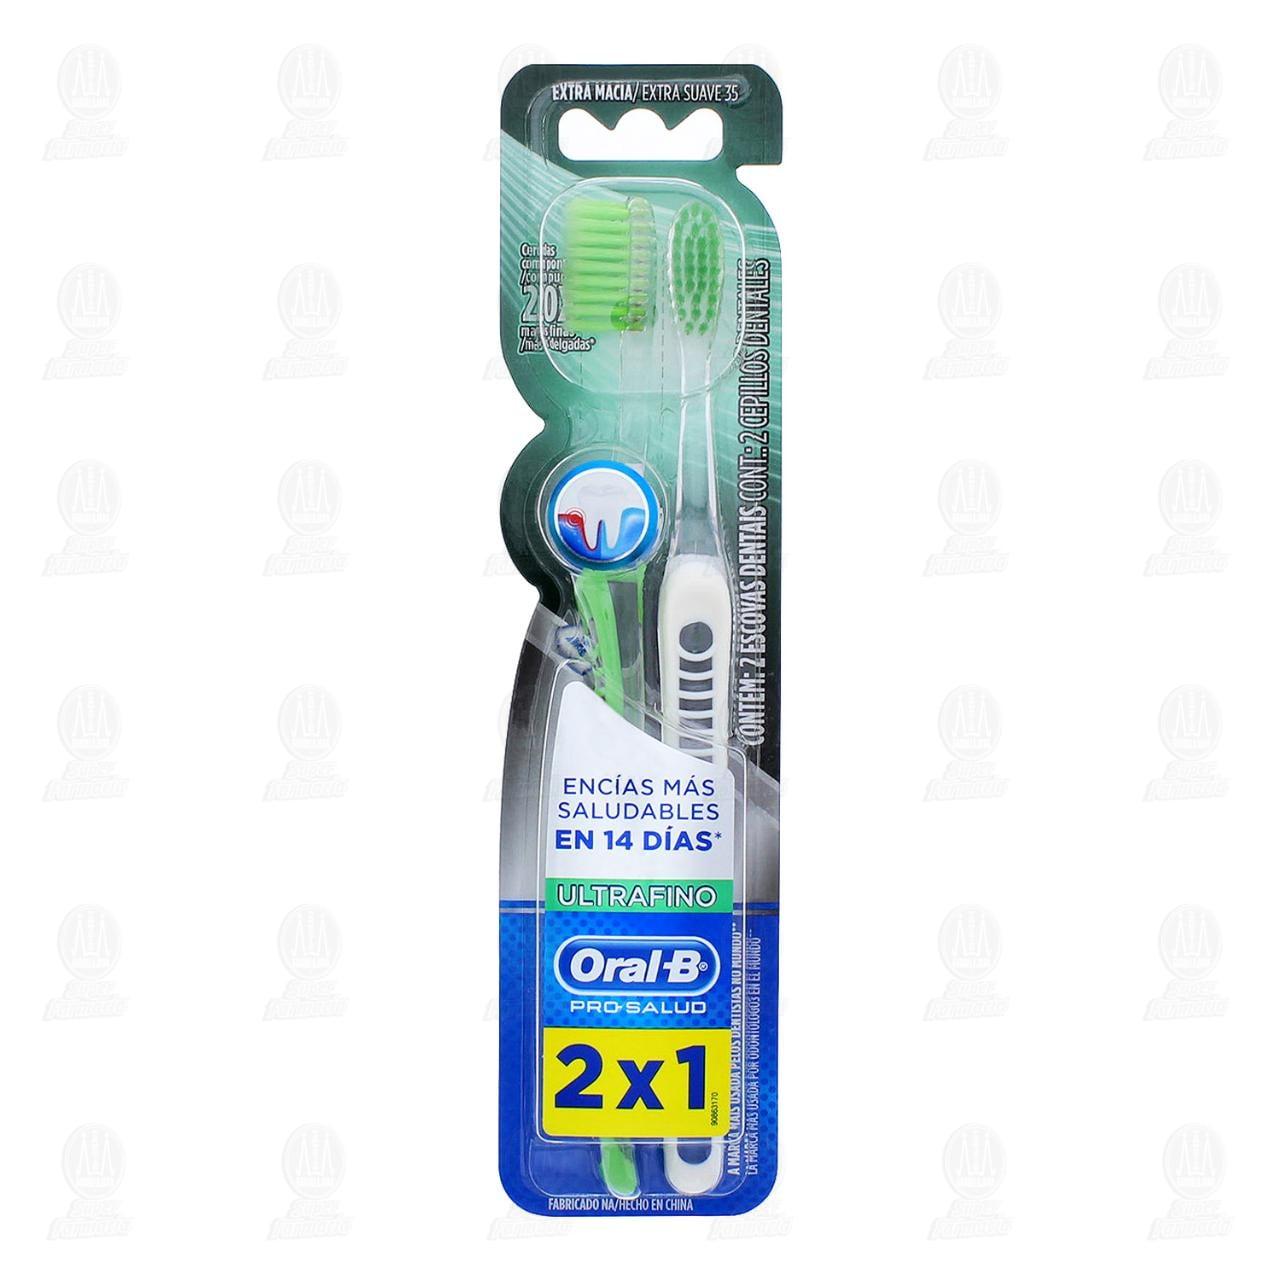 Comprar Cepillos Dentales Oral-B Pro-Salud Ultrafino, 2 pzas. en Farmacias Guadalajara